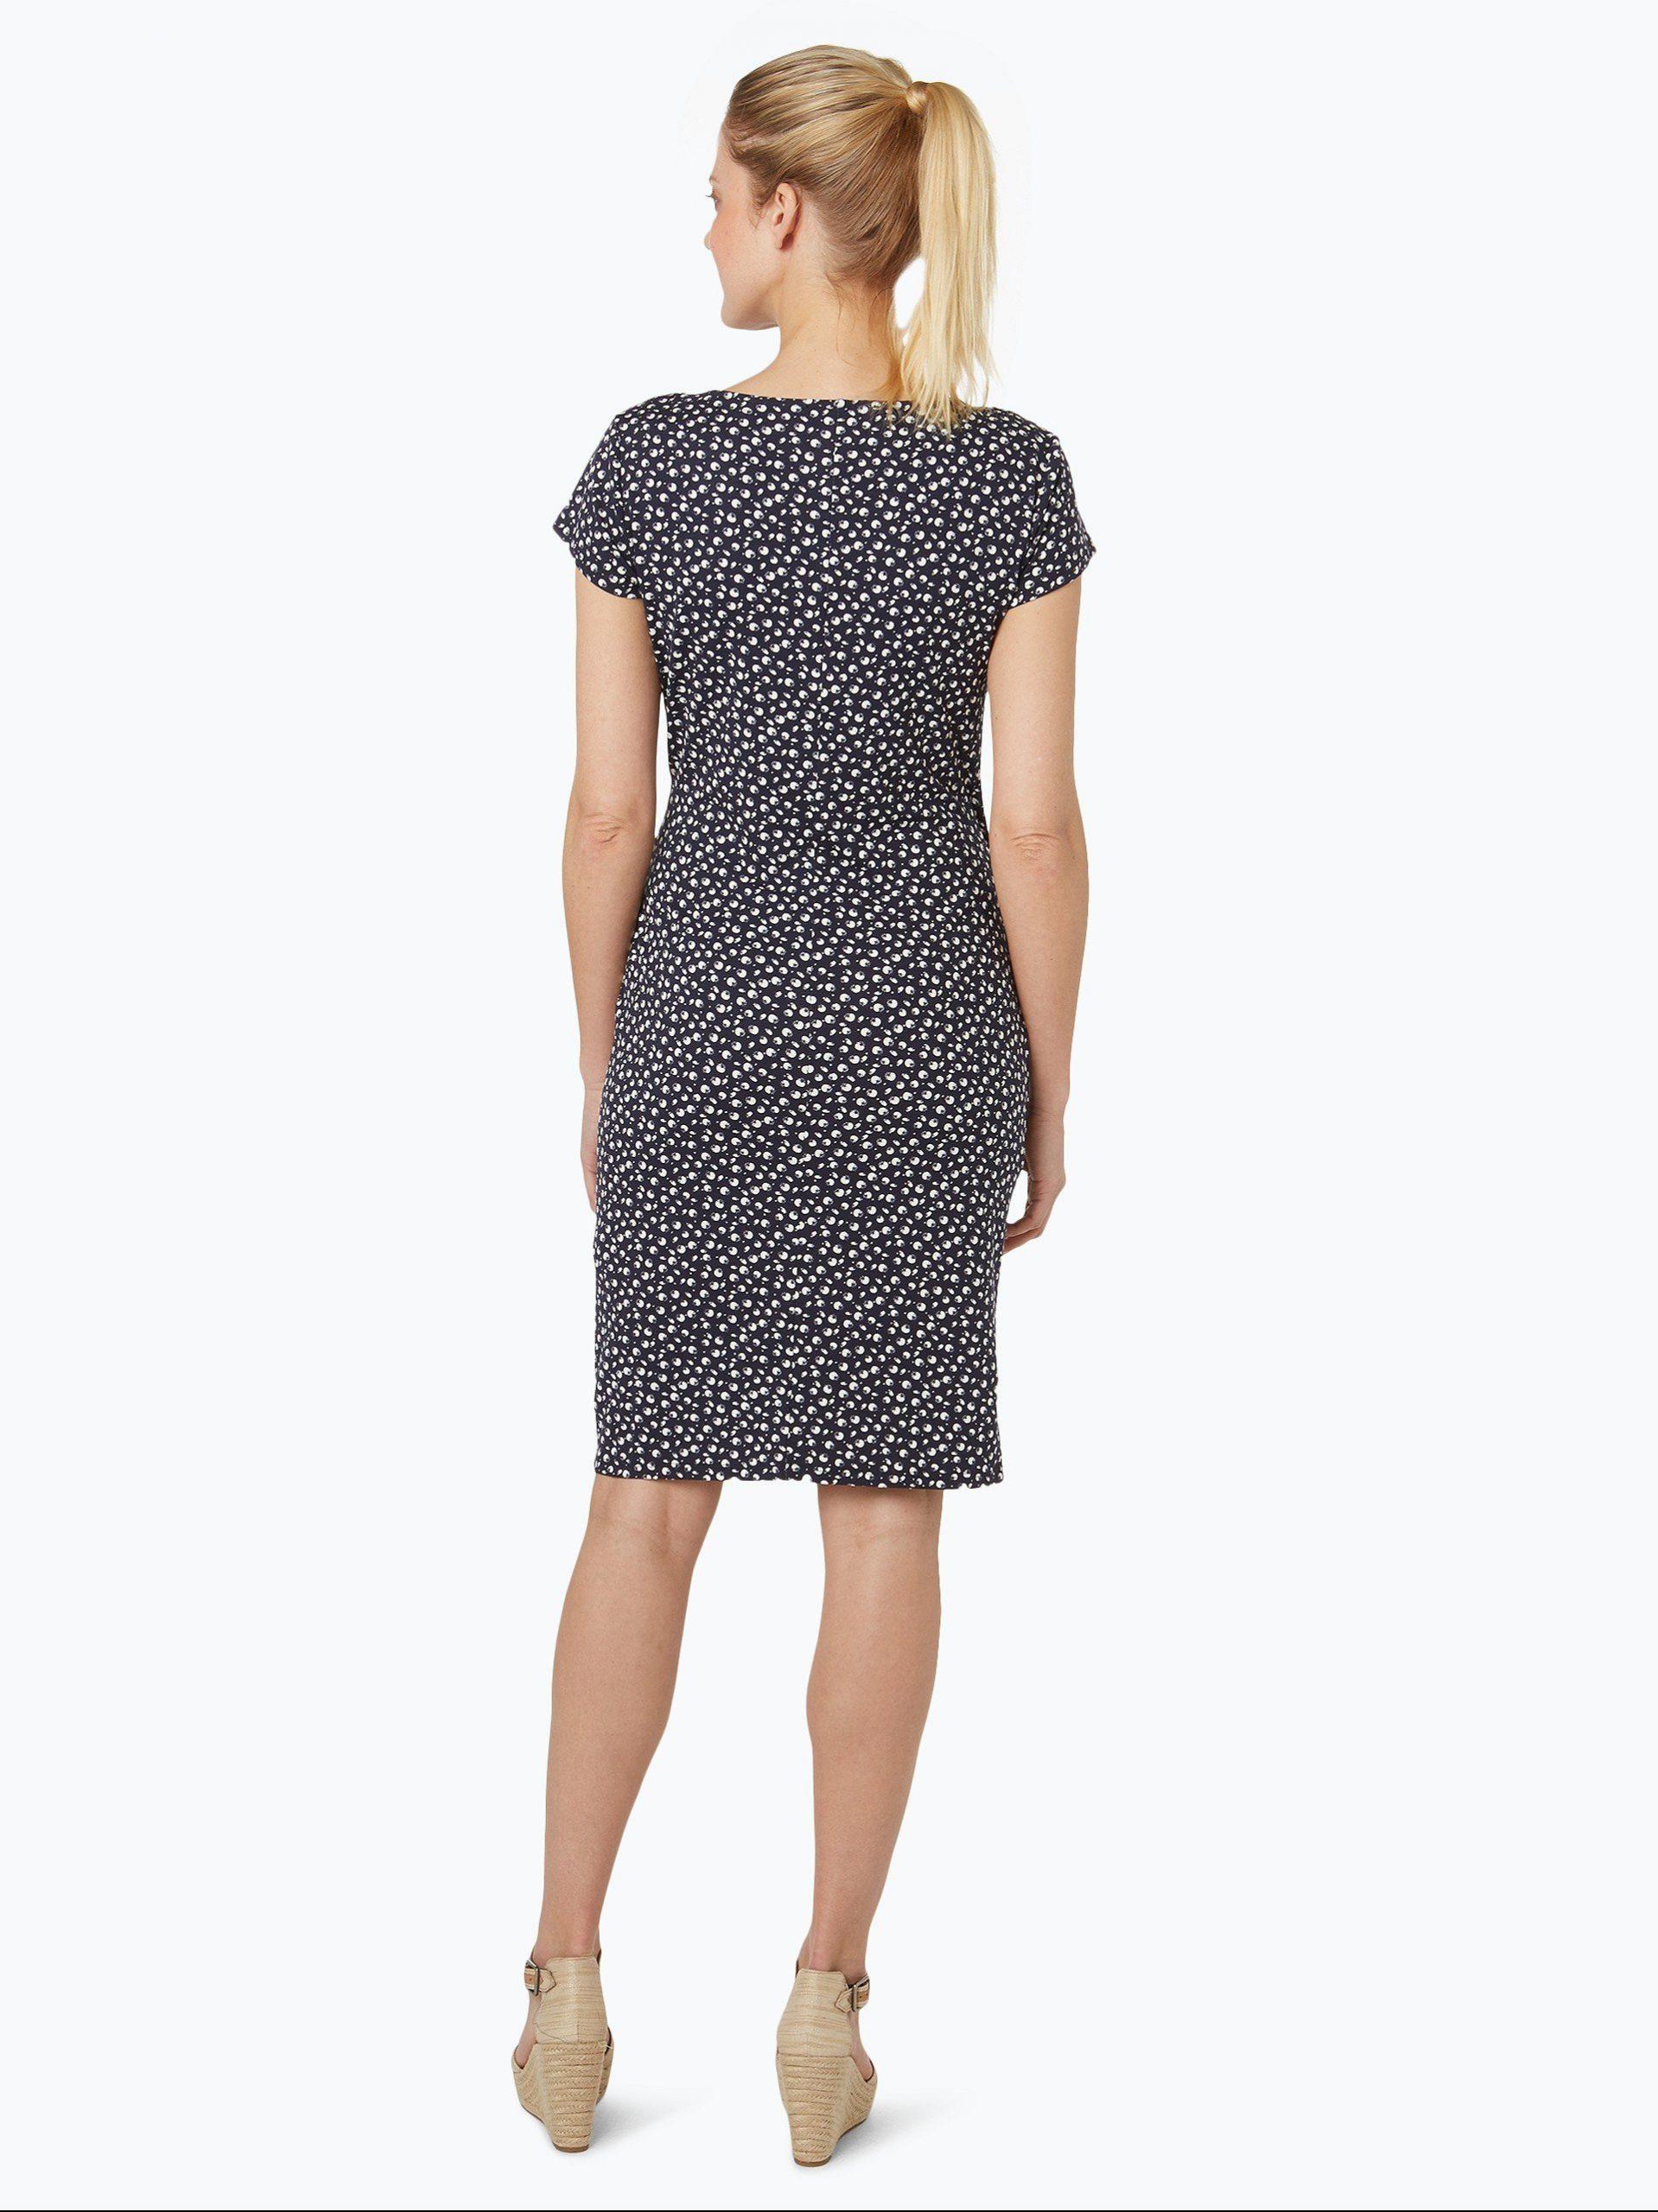 Esprit Collection Damen Kleid Online Kaufen  Peekund